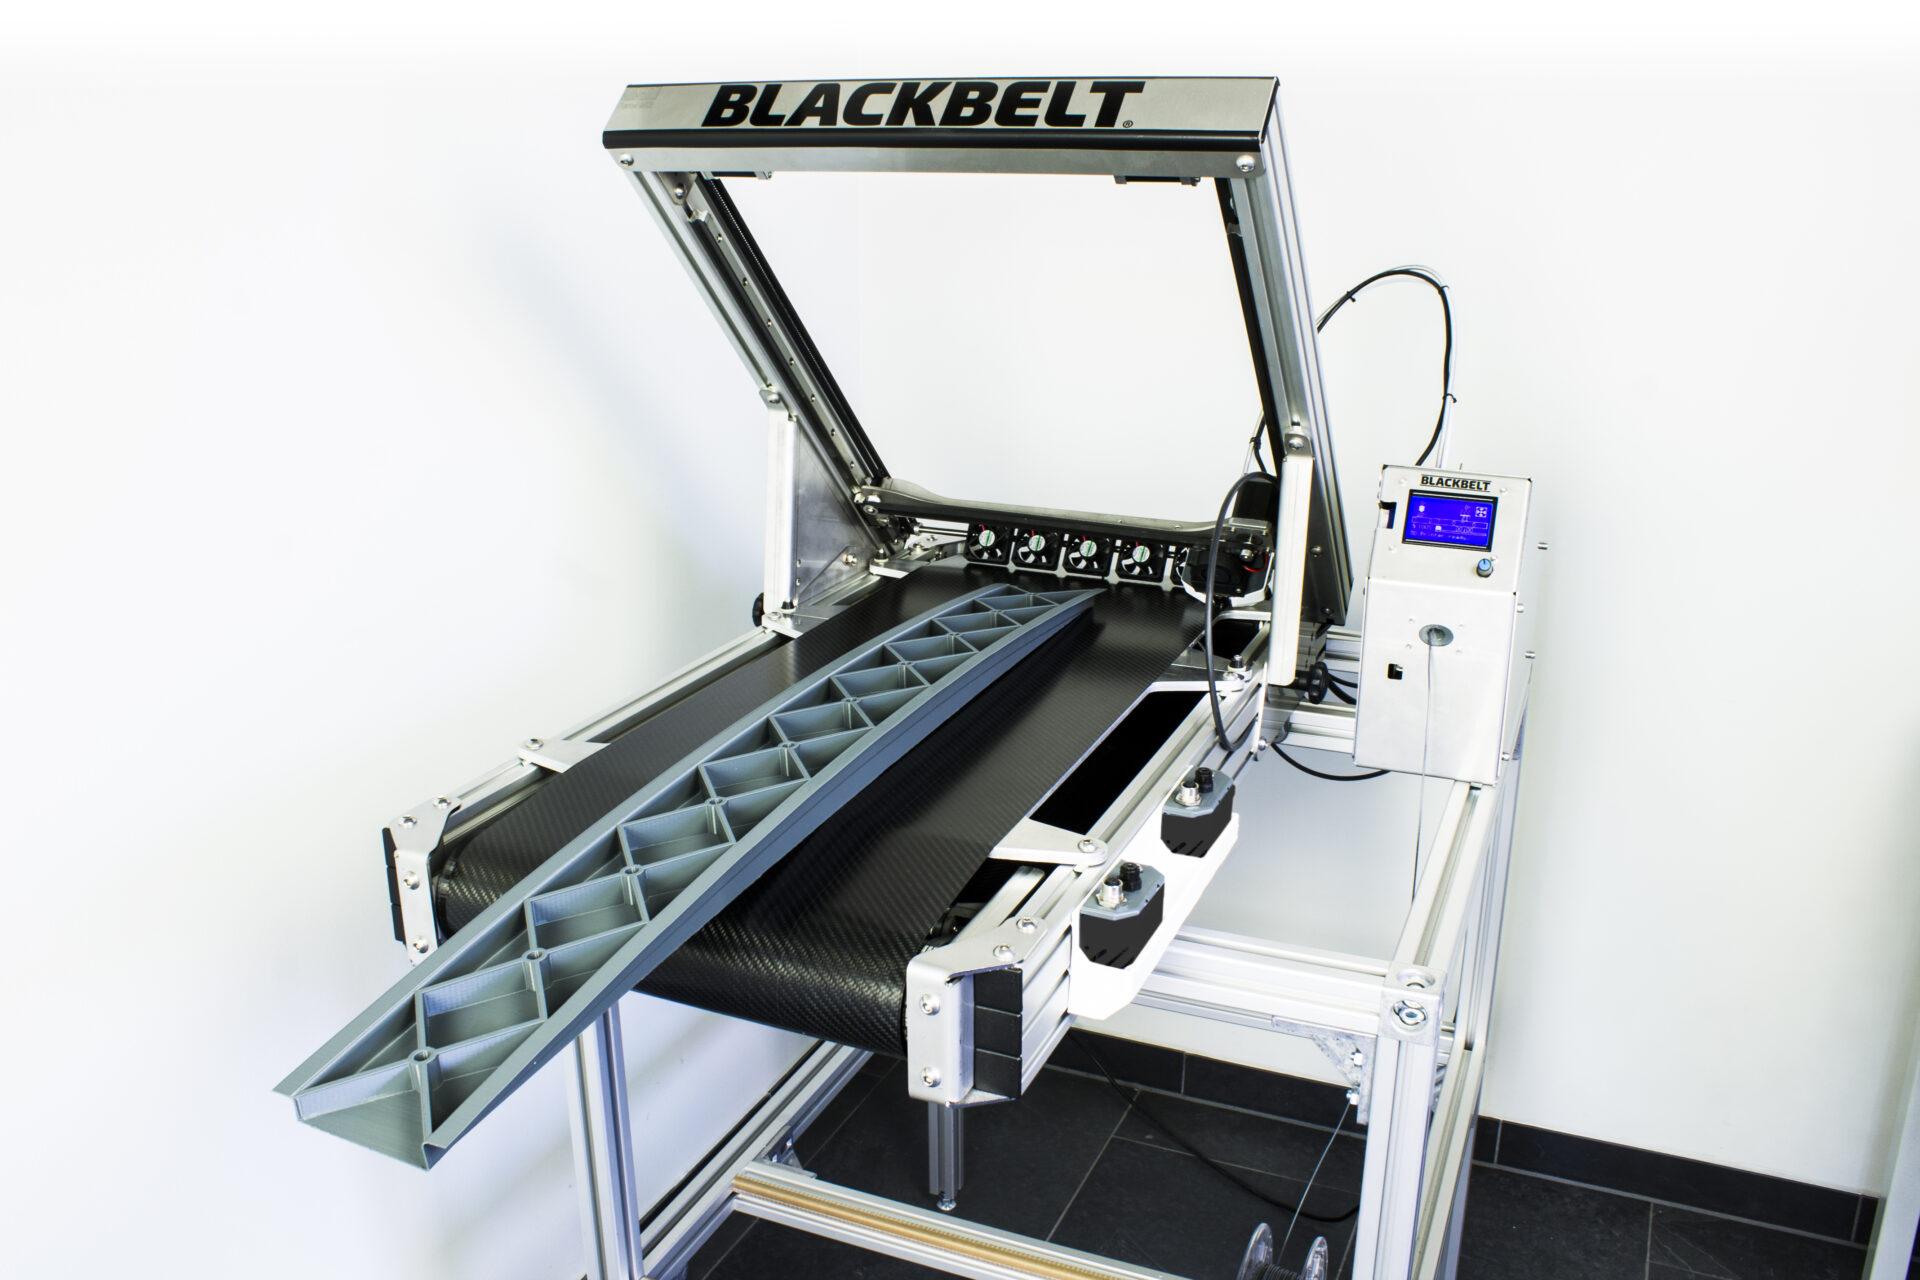 Blackbelt 3D FDM printer